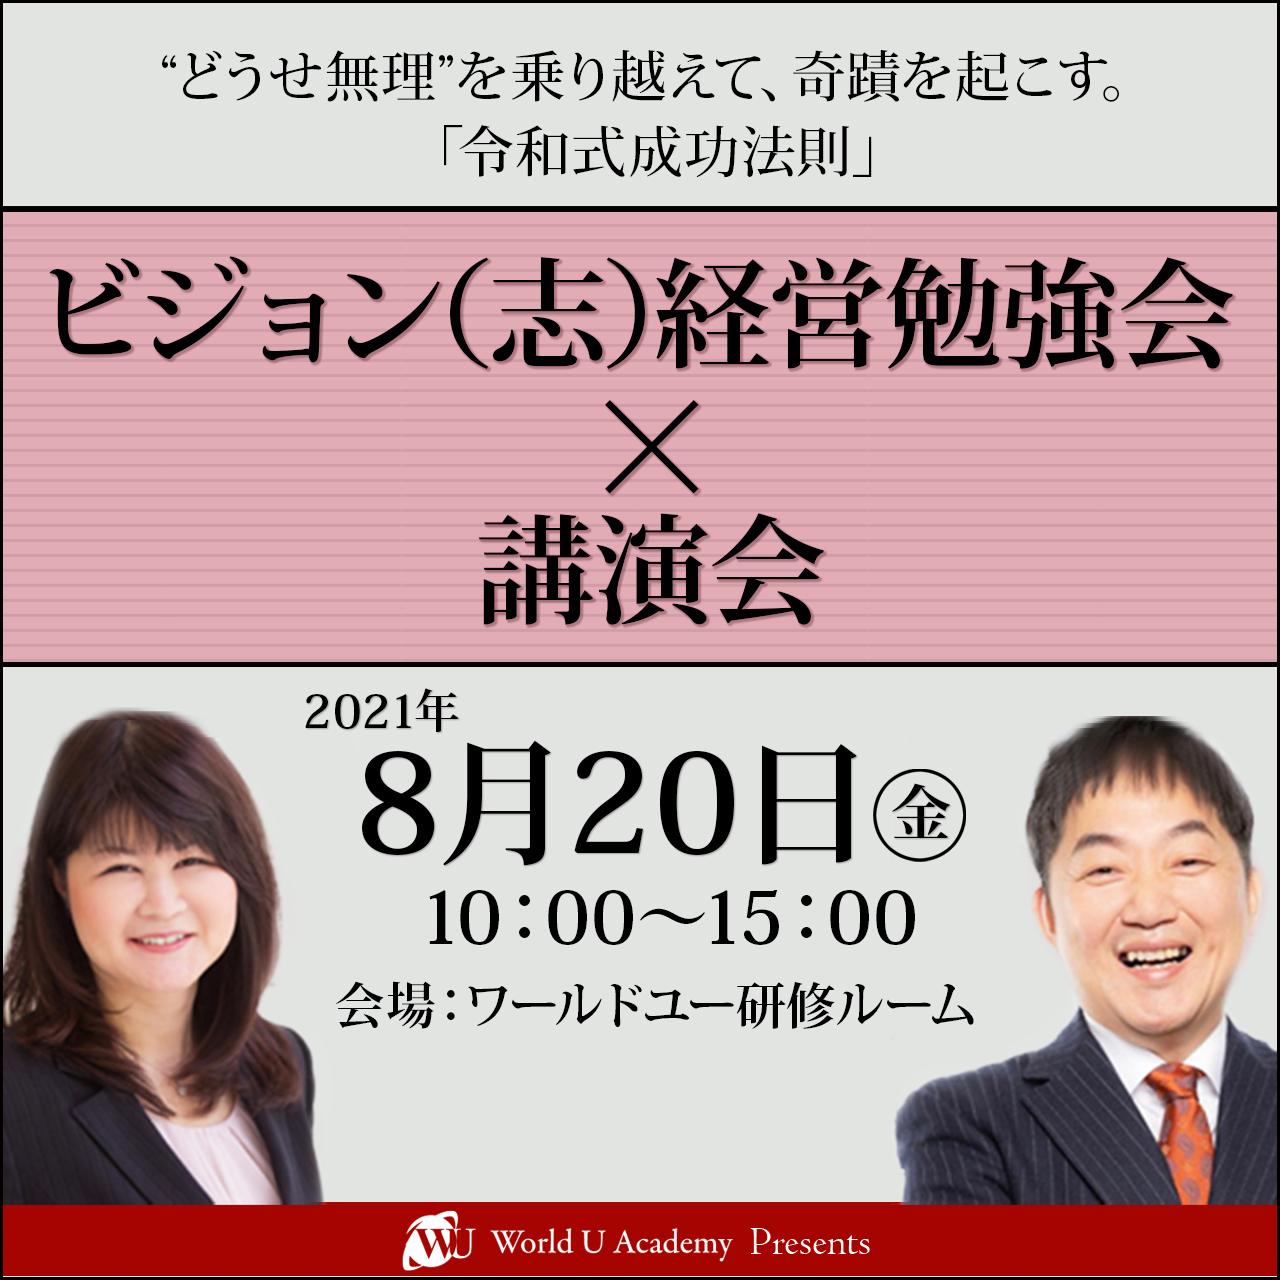 2021年8月20日 ビジョン(志)経営勉強会×講演会